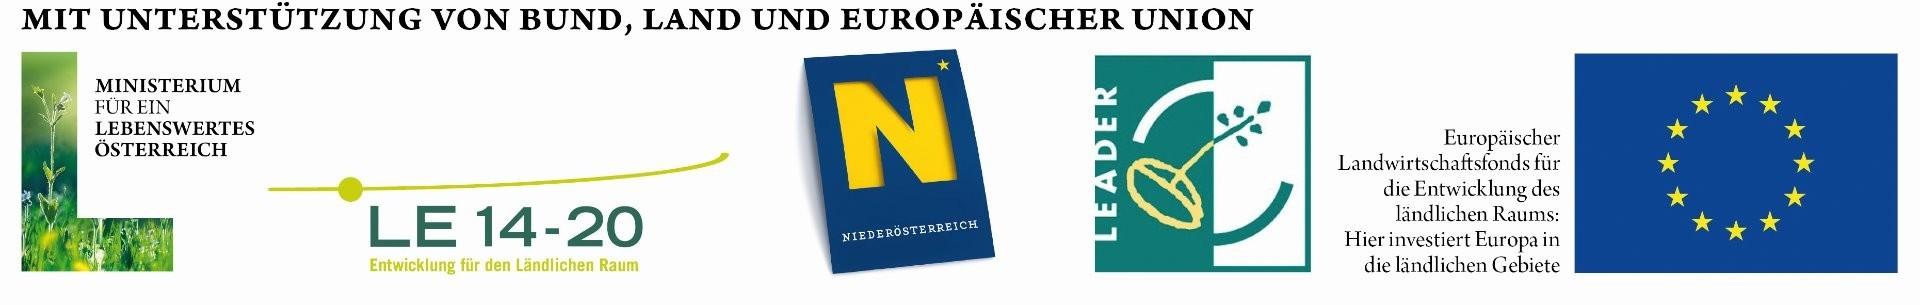 Leader_Bund_NÖ_EU_300_CMYK.JPG